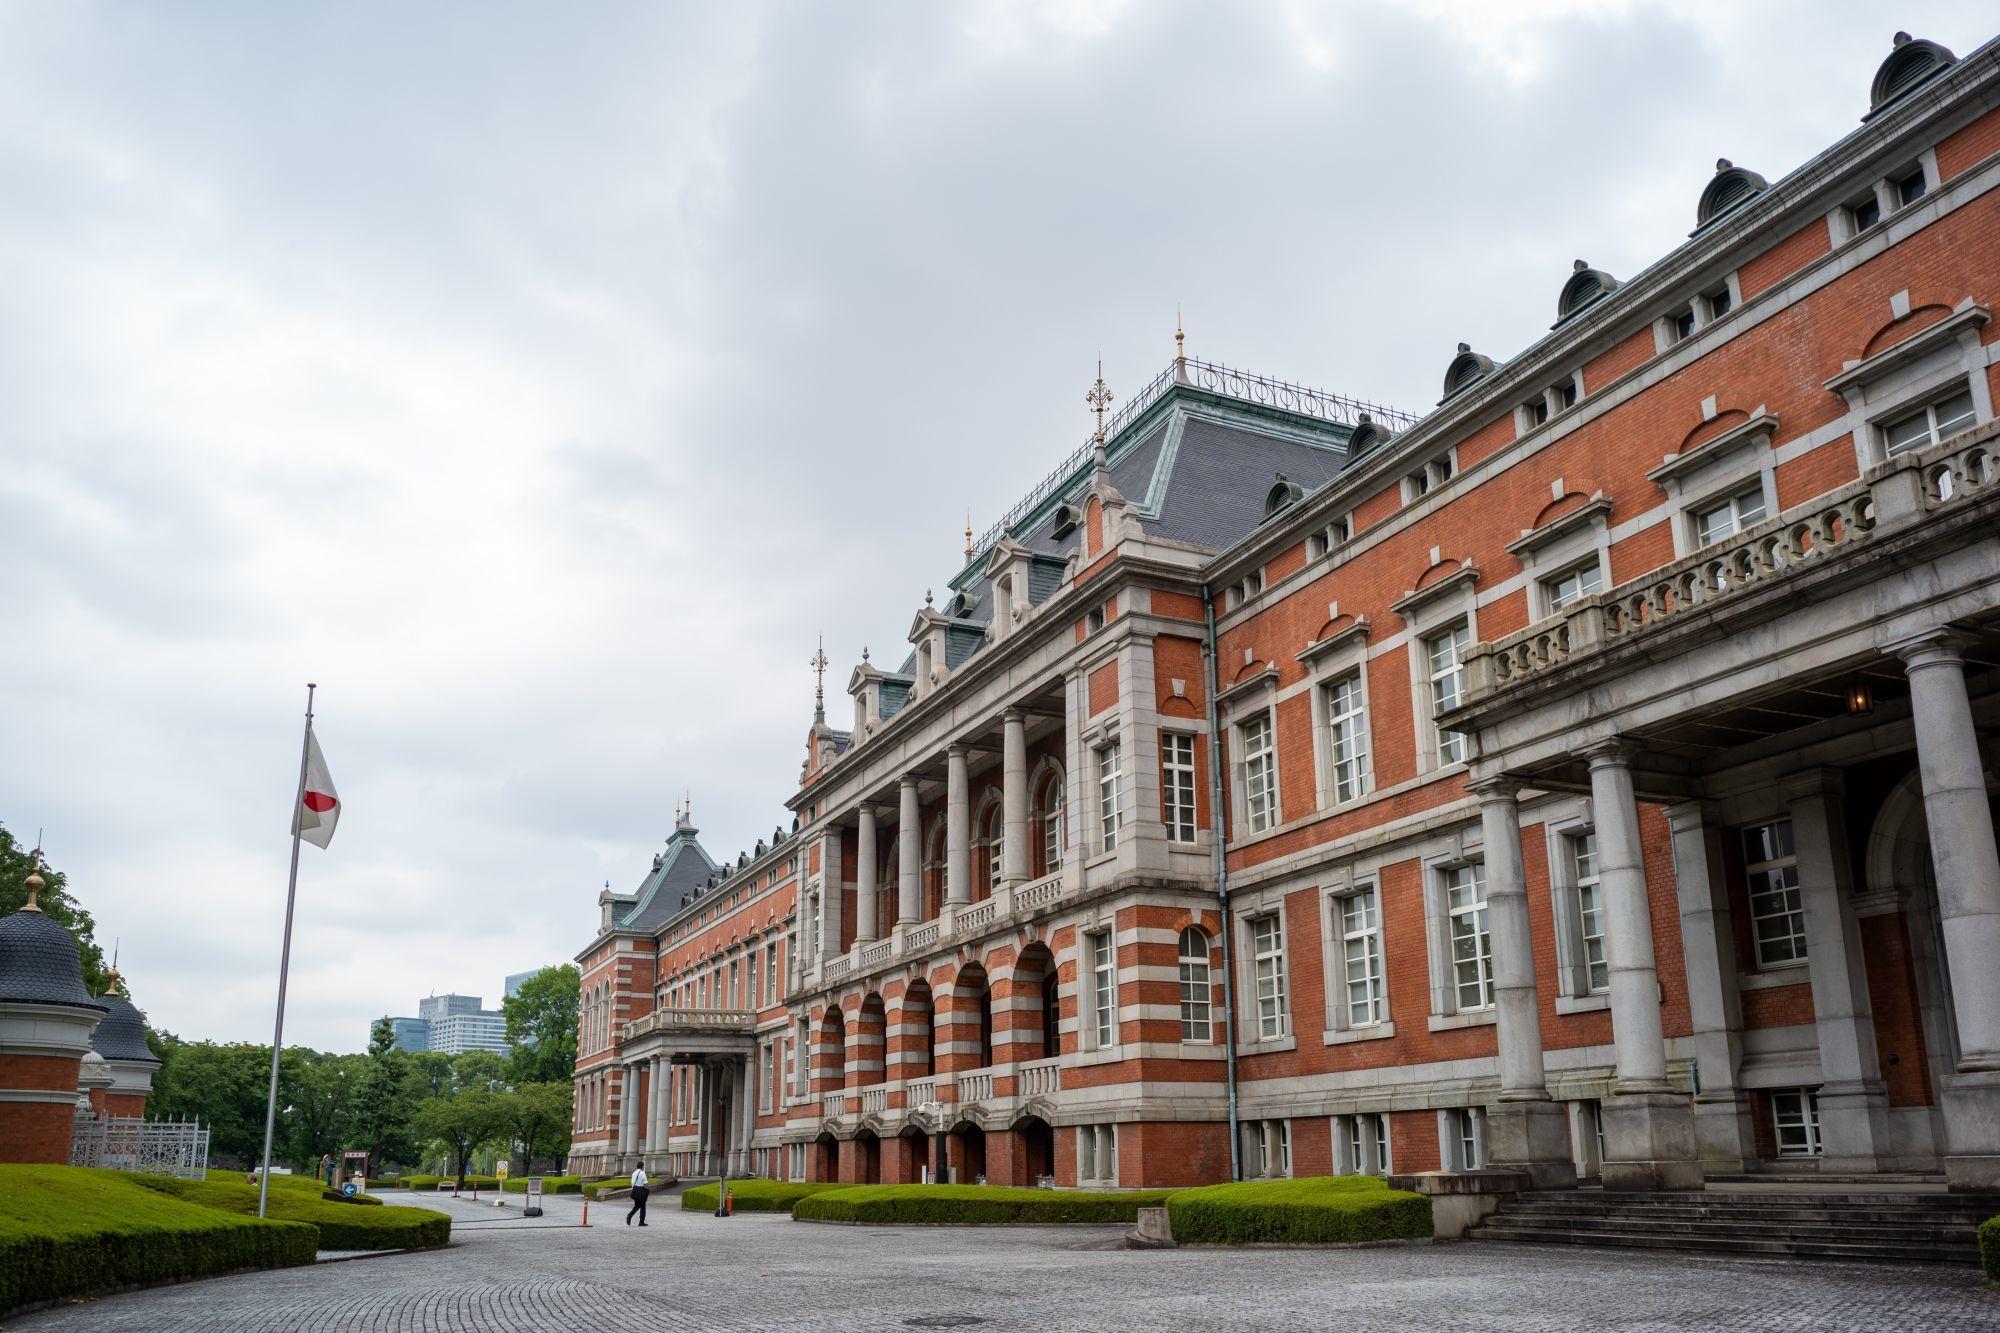 法務省 赤煉瓦 赤レンガ ヘルマンムテジウス